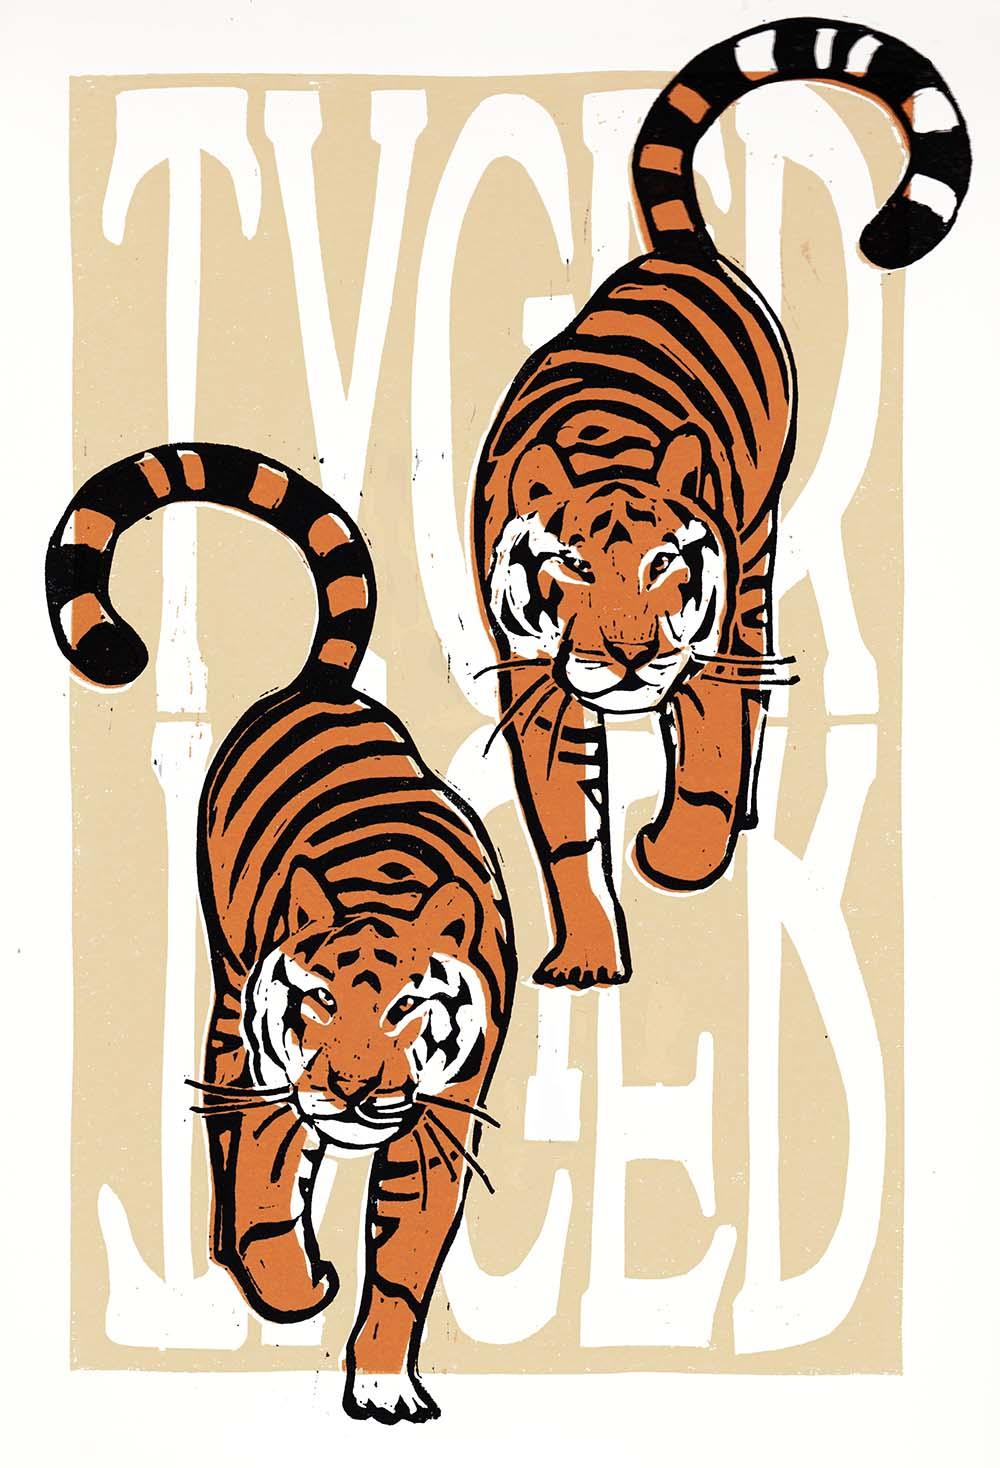 tiger tyger tyger william blake linocut art